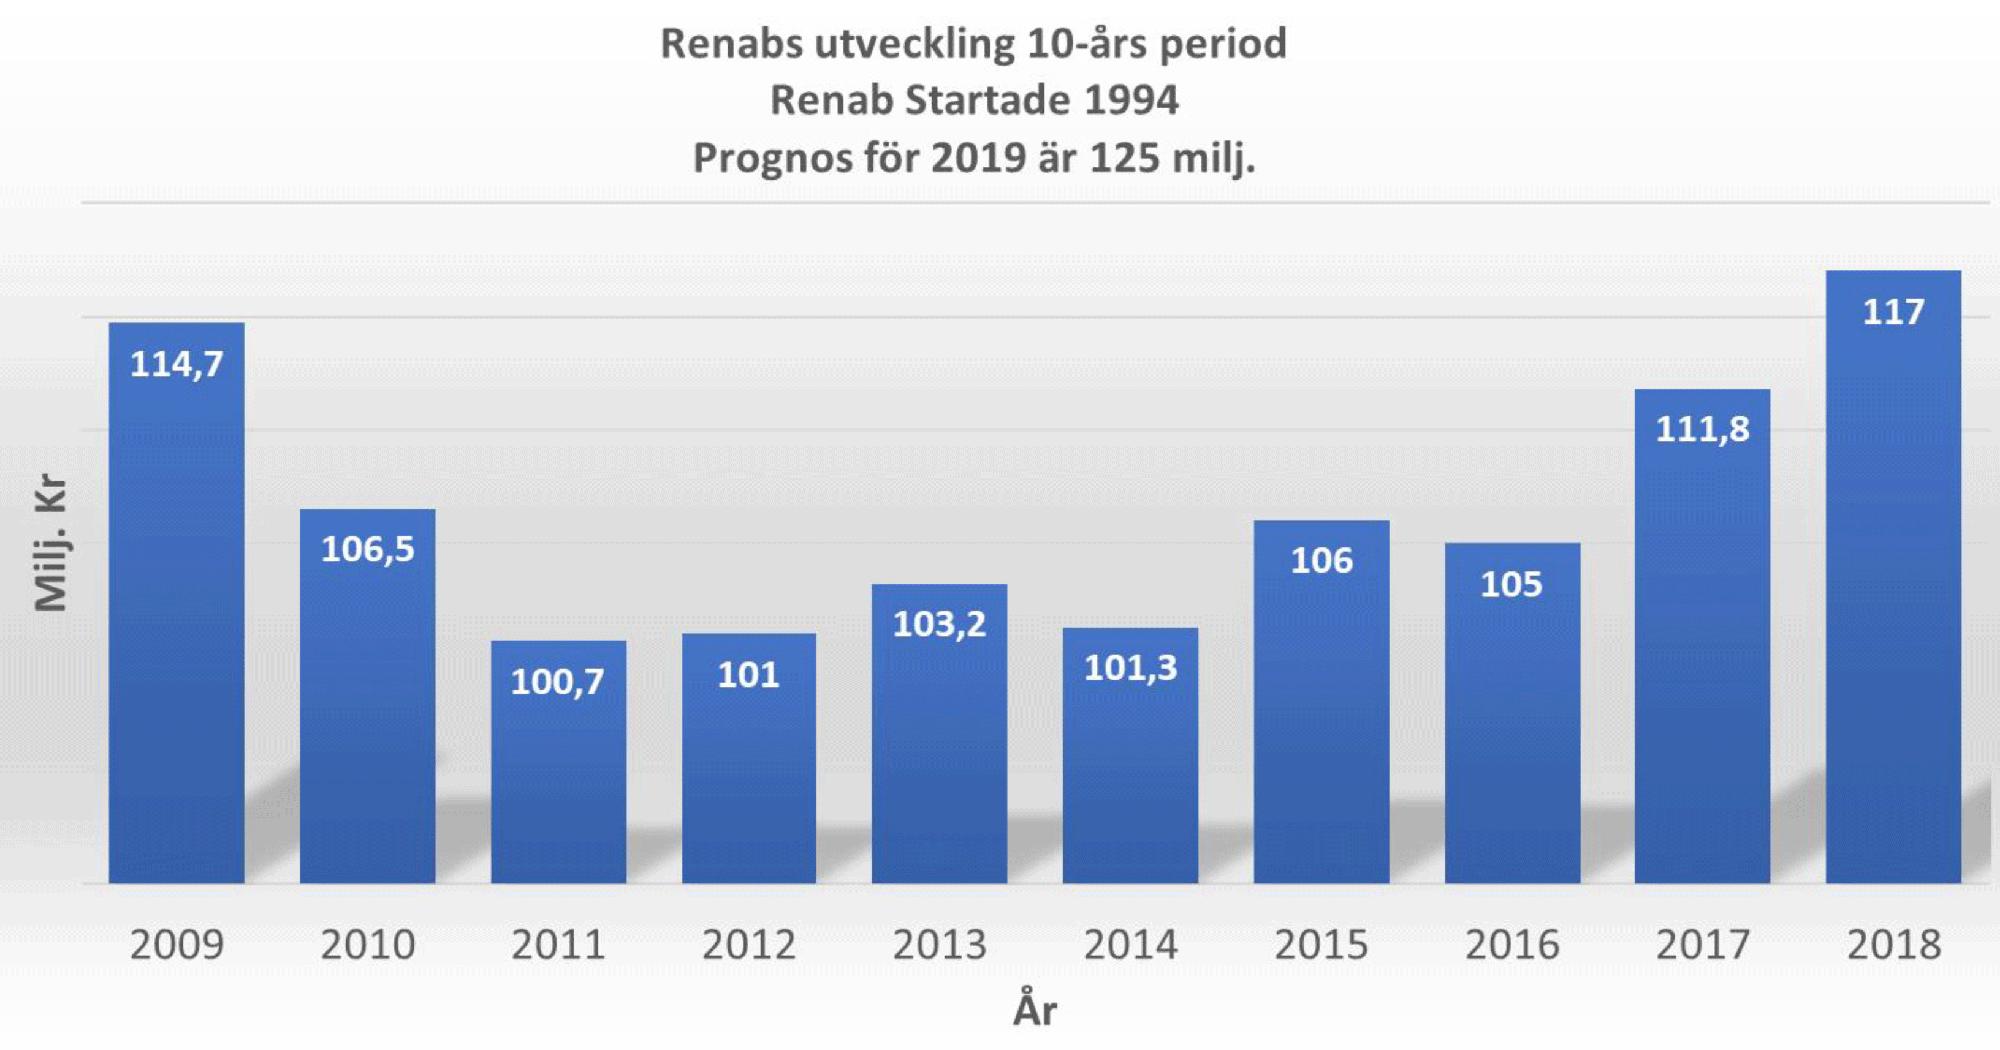 Renabs utvecklingen graph år 2019